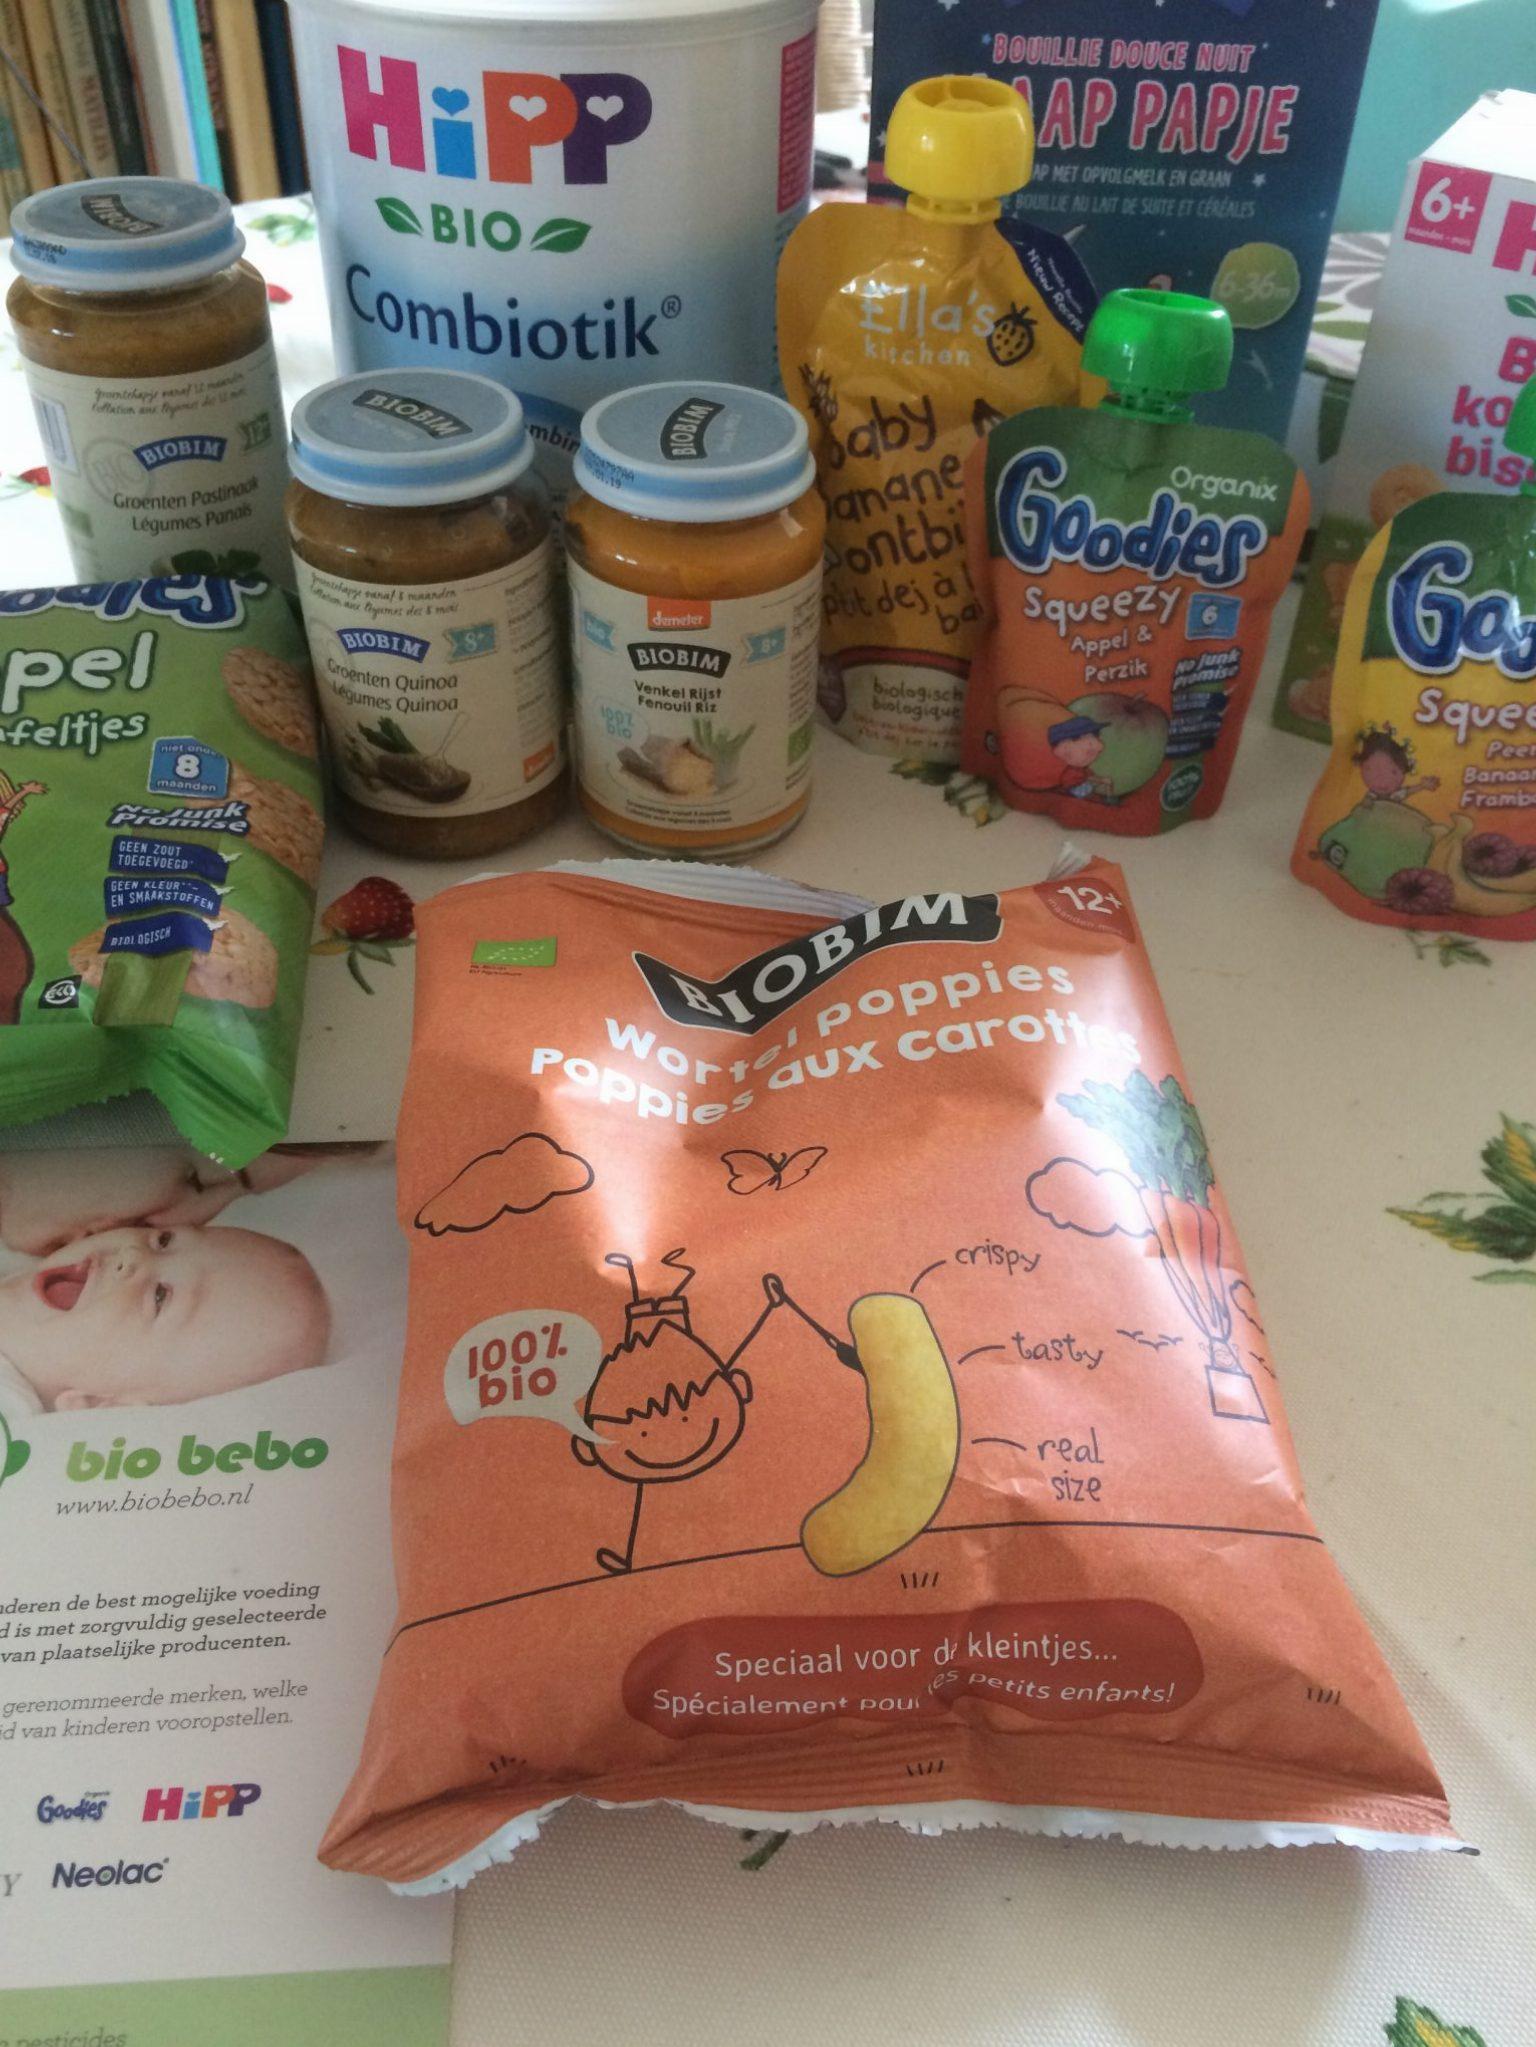 biologische-babyvoeding-verzamelen-biobebo-webwinkel